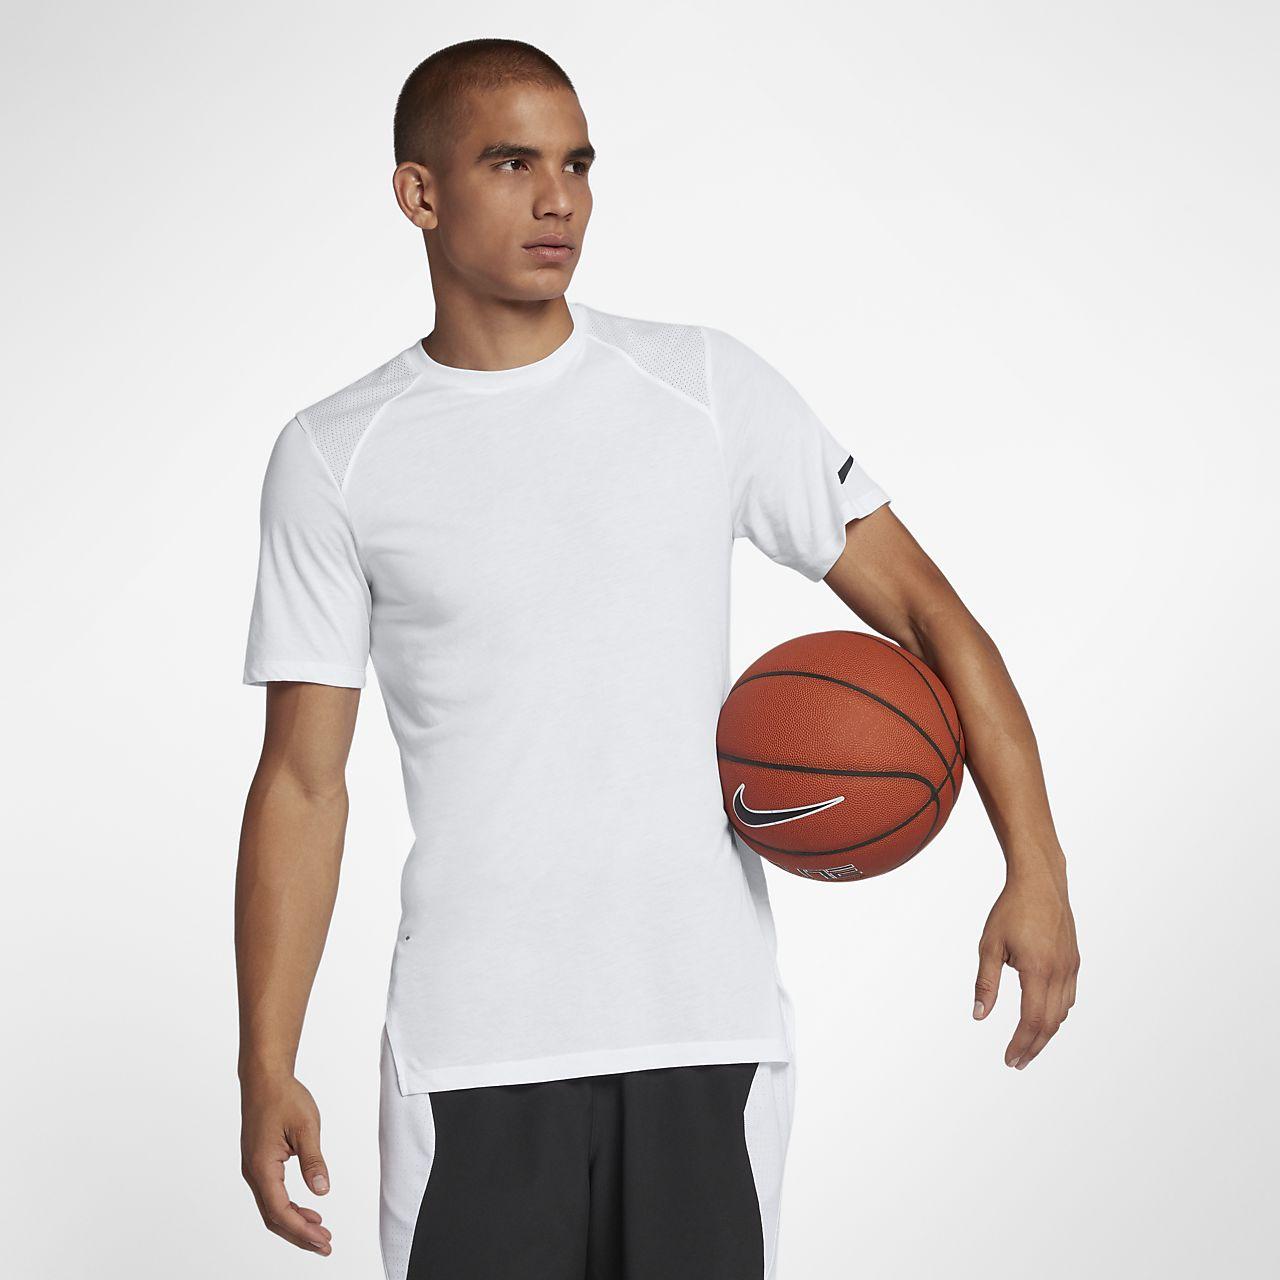 Nike Breathe Elite Men's Short-Sleeve Basketball Top